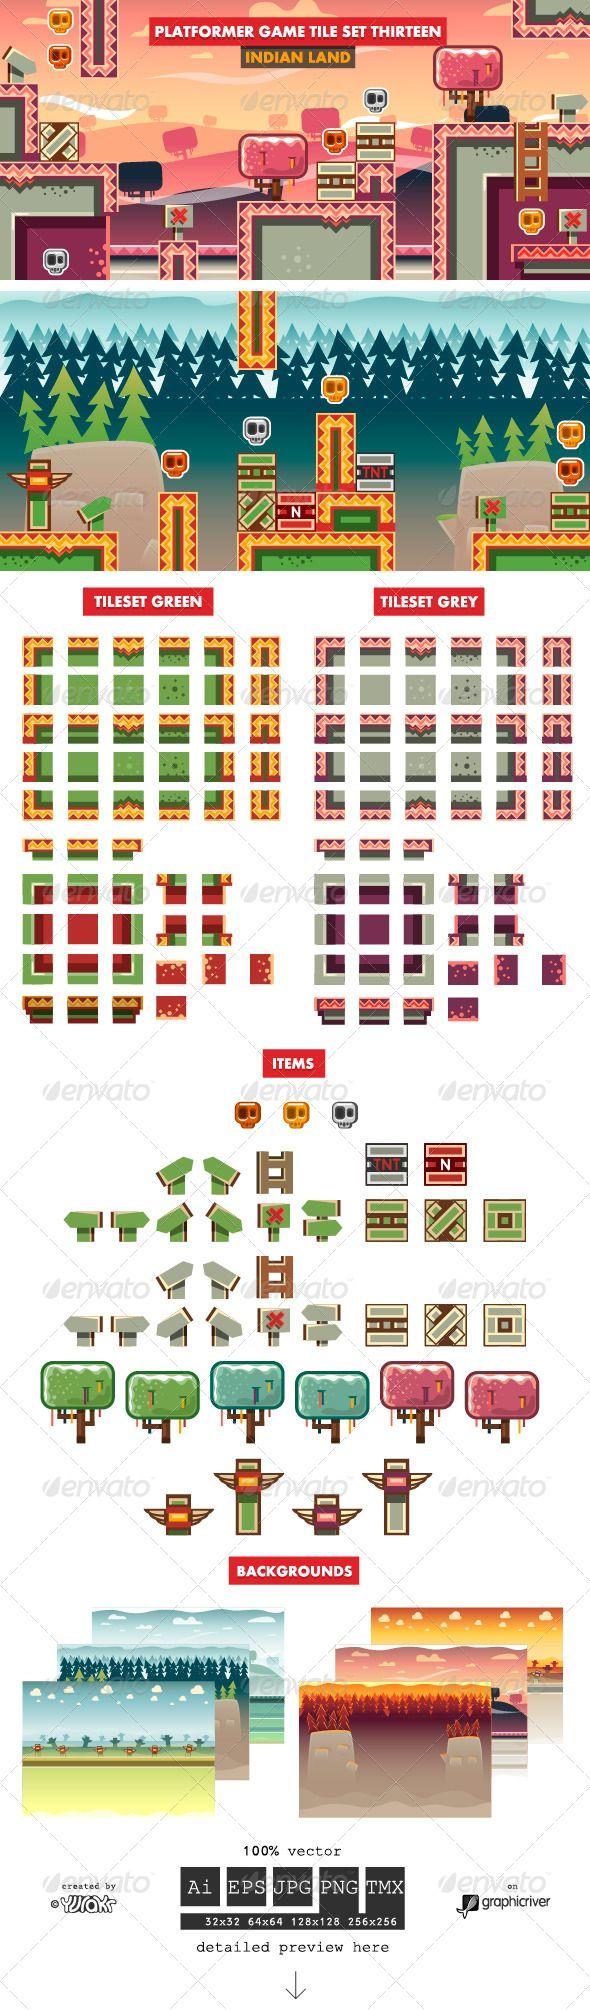 +Platformer+Game+Tile+Set+Thirteen